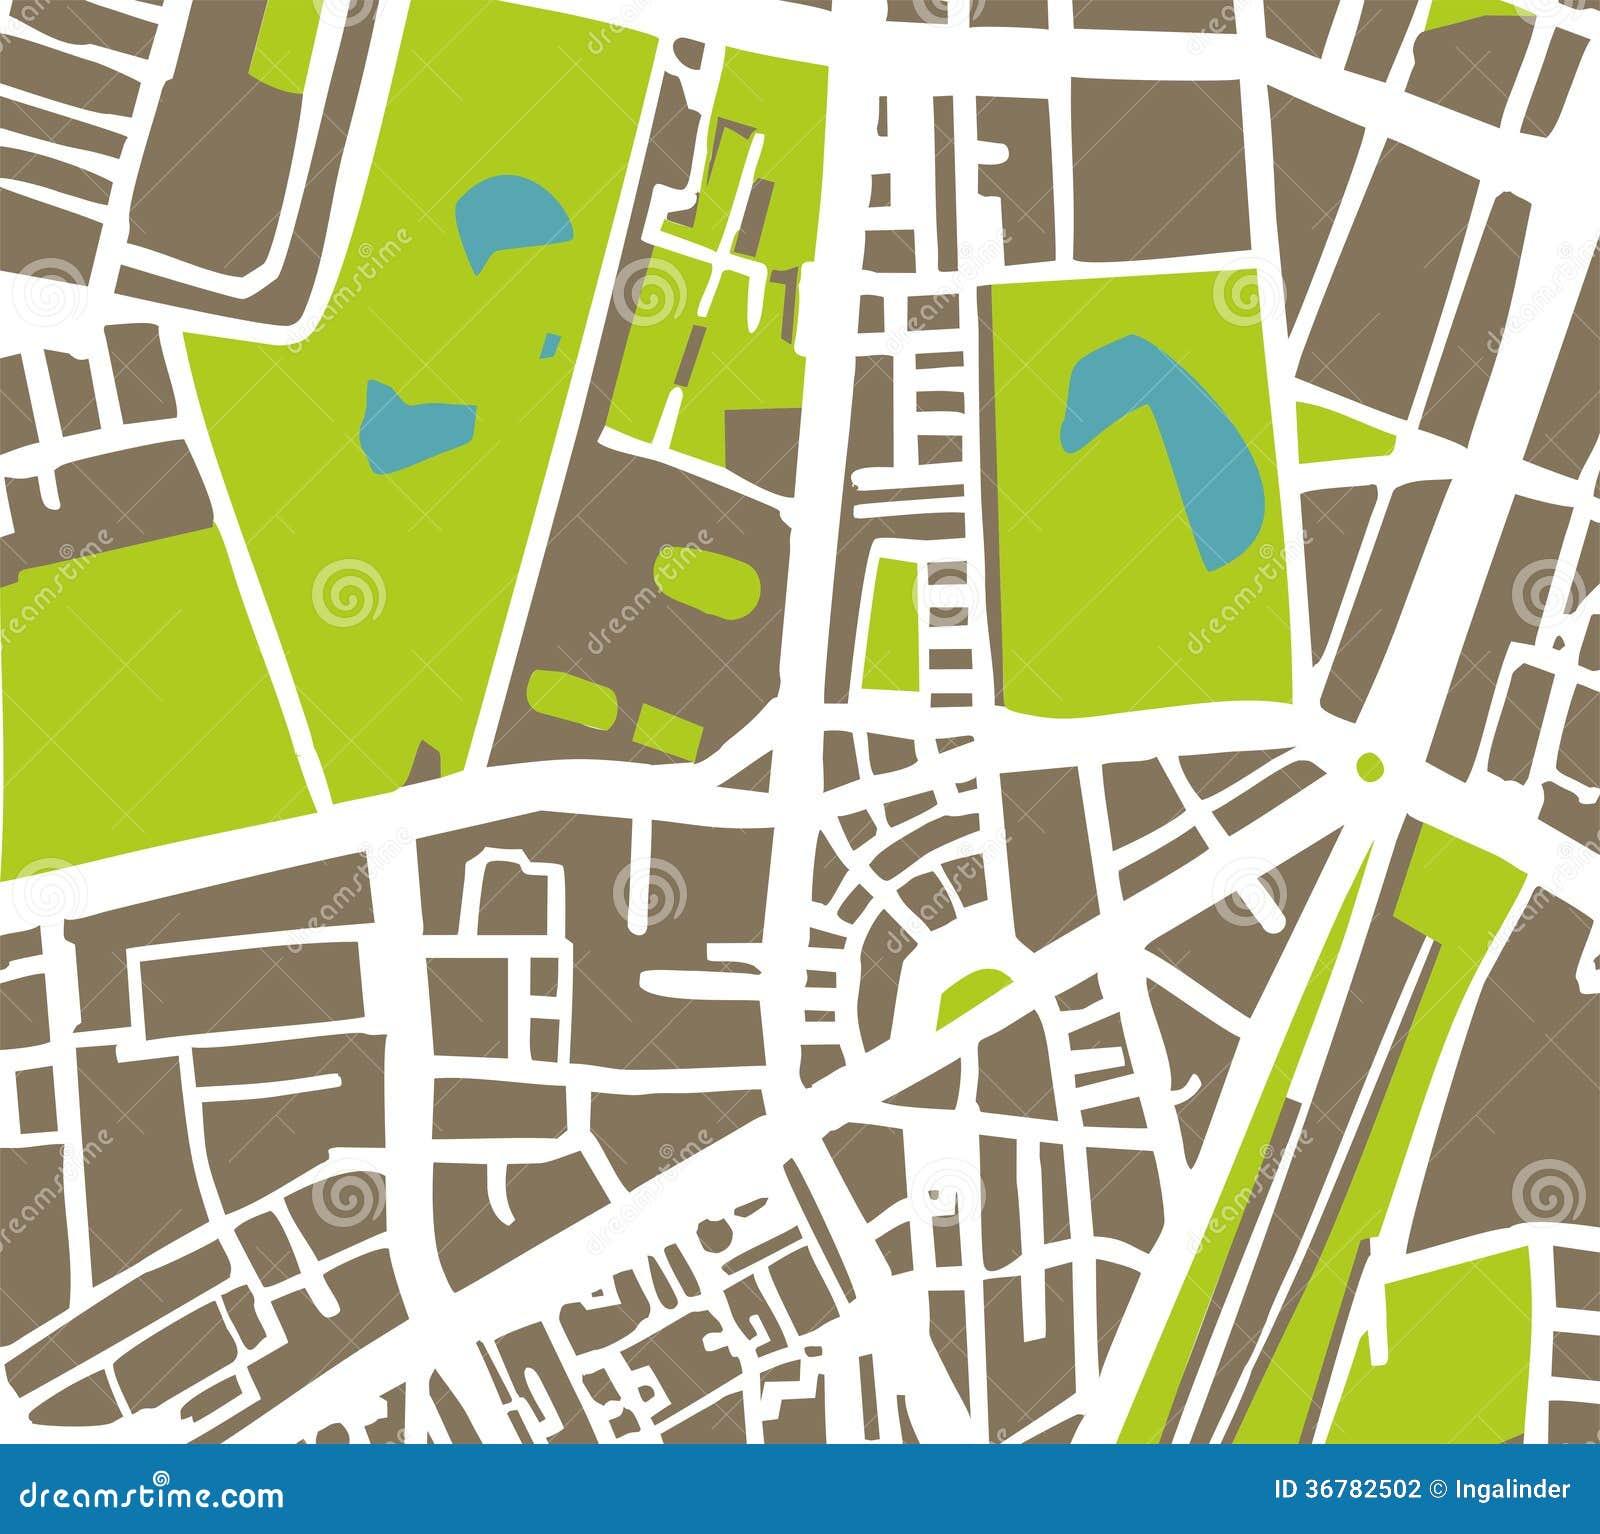 De abstracte vectorillustratie van de stadskaart